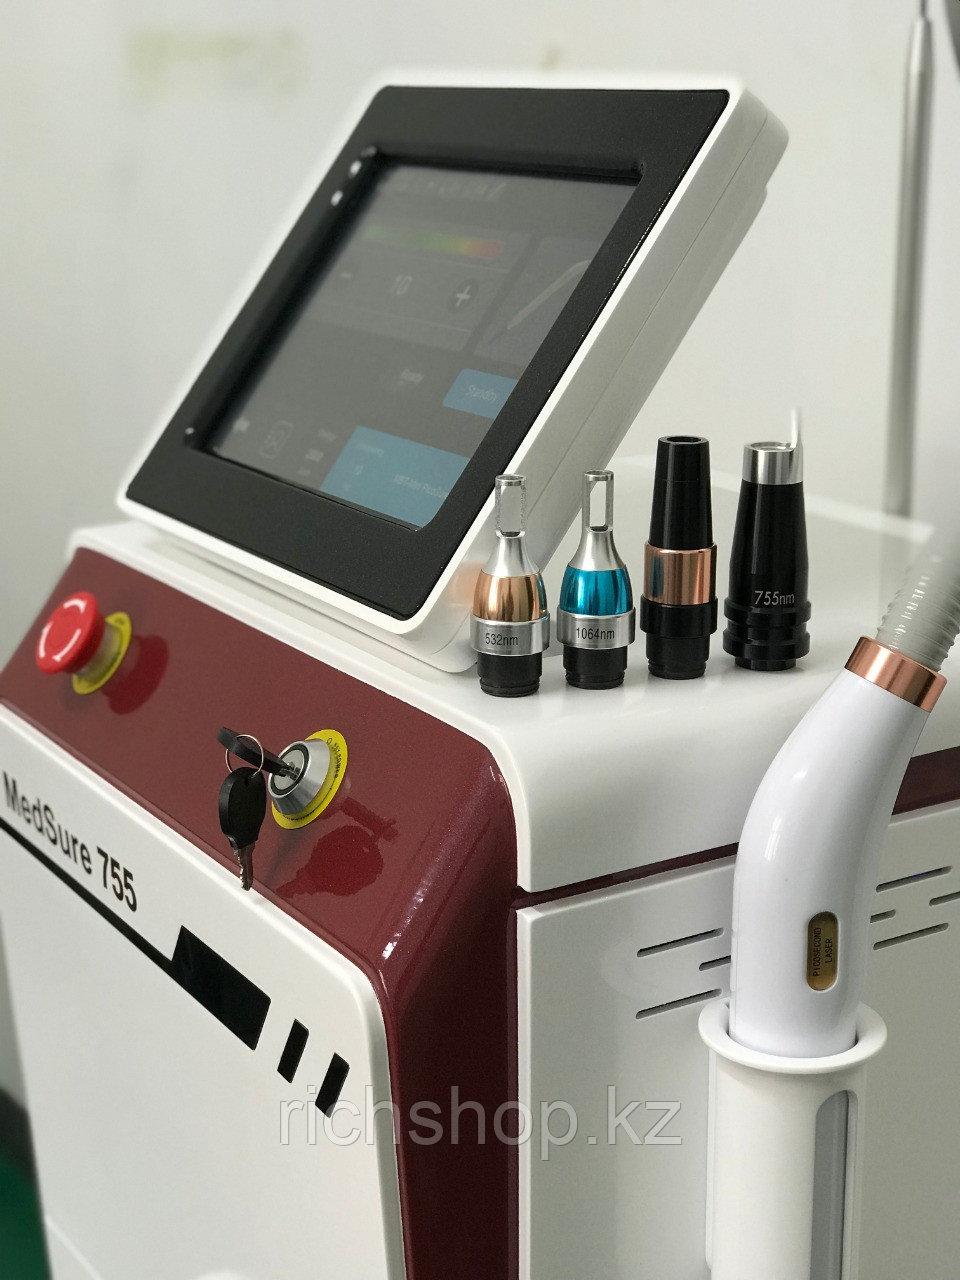 Пикосекундный Лазер MedSure 755